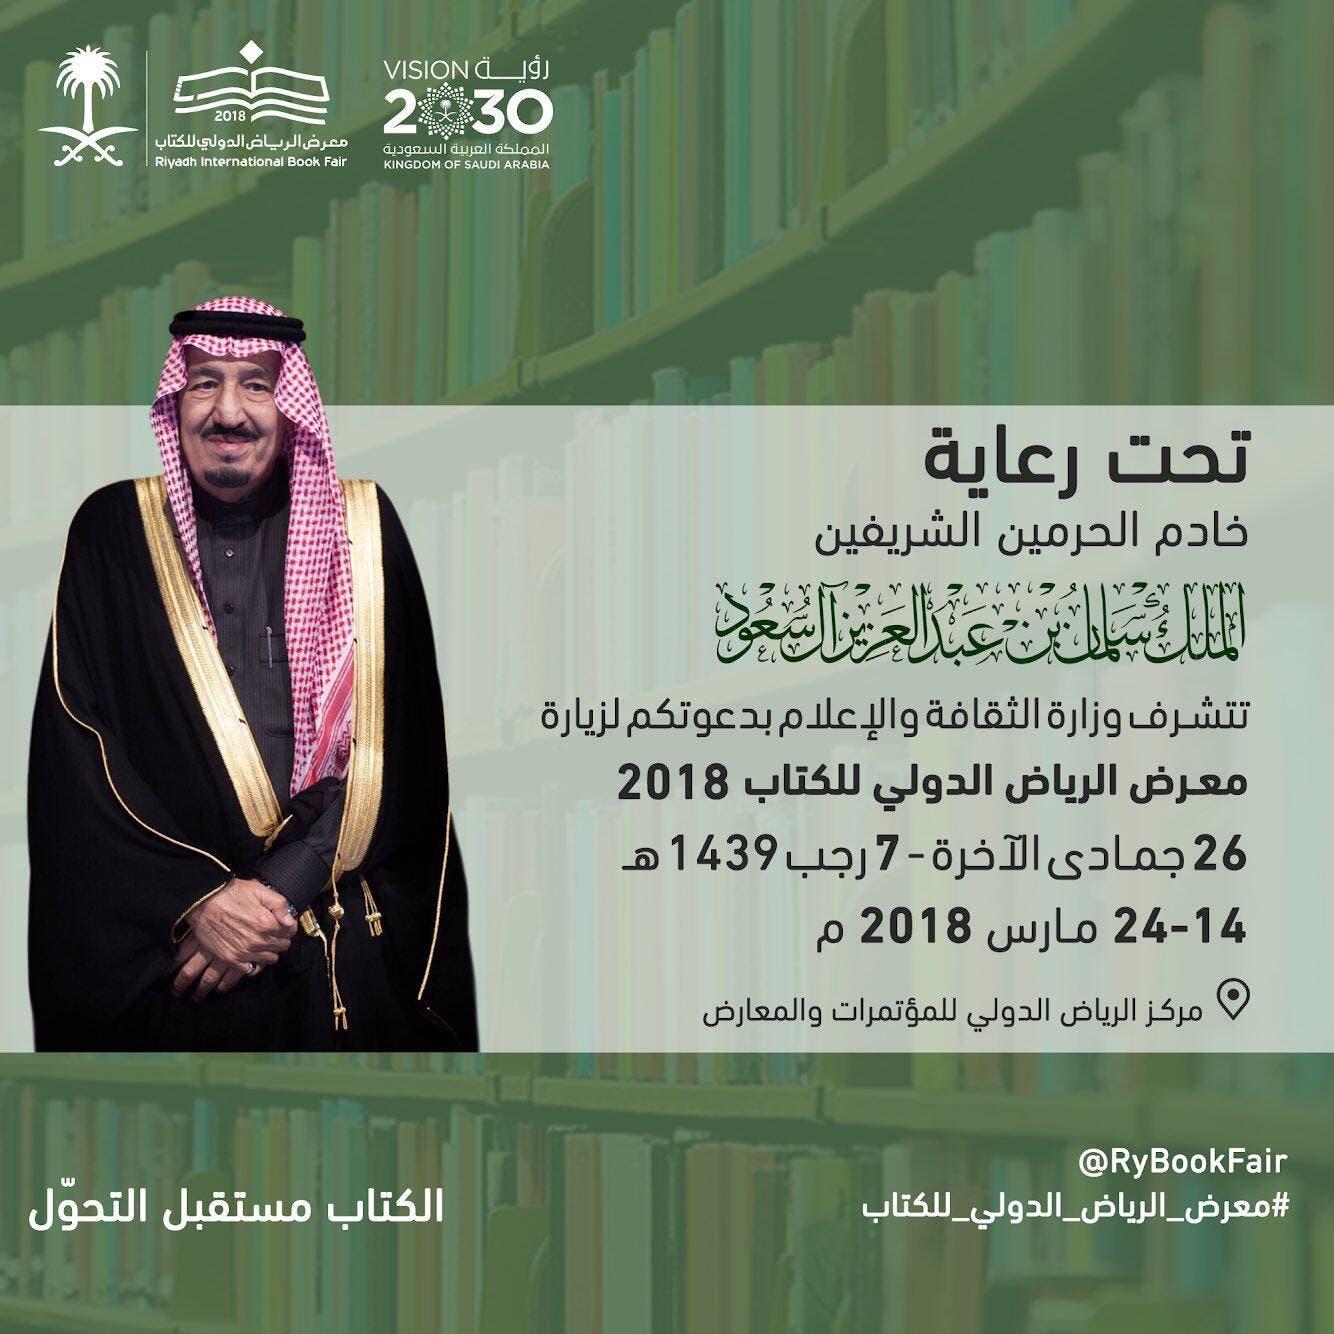 معرض الرياض للكتاب الدولي